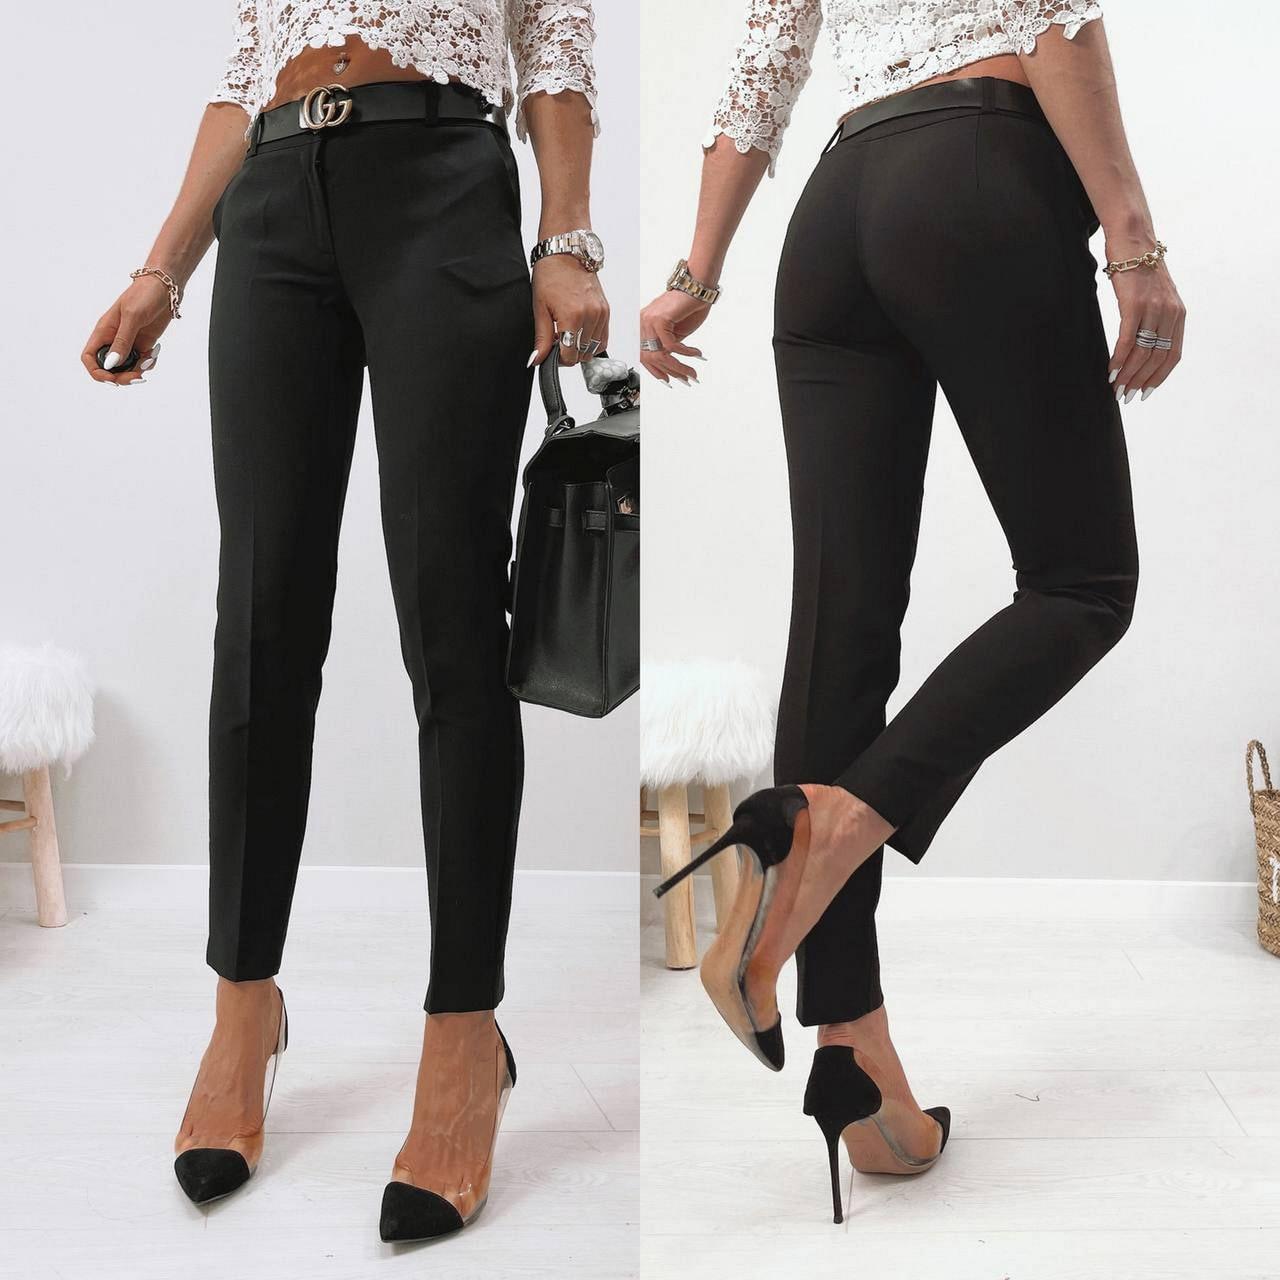 Стильні жіночі штани з двома скошеними кишенями з боків, 00870 (Чорний), Розмір 44 (M)